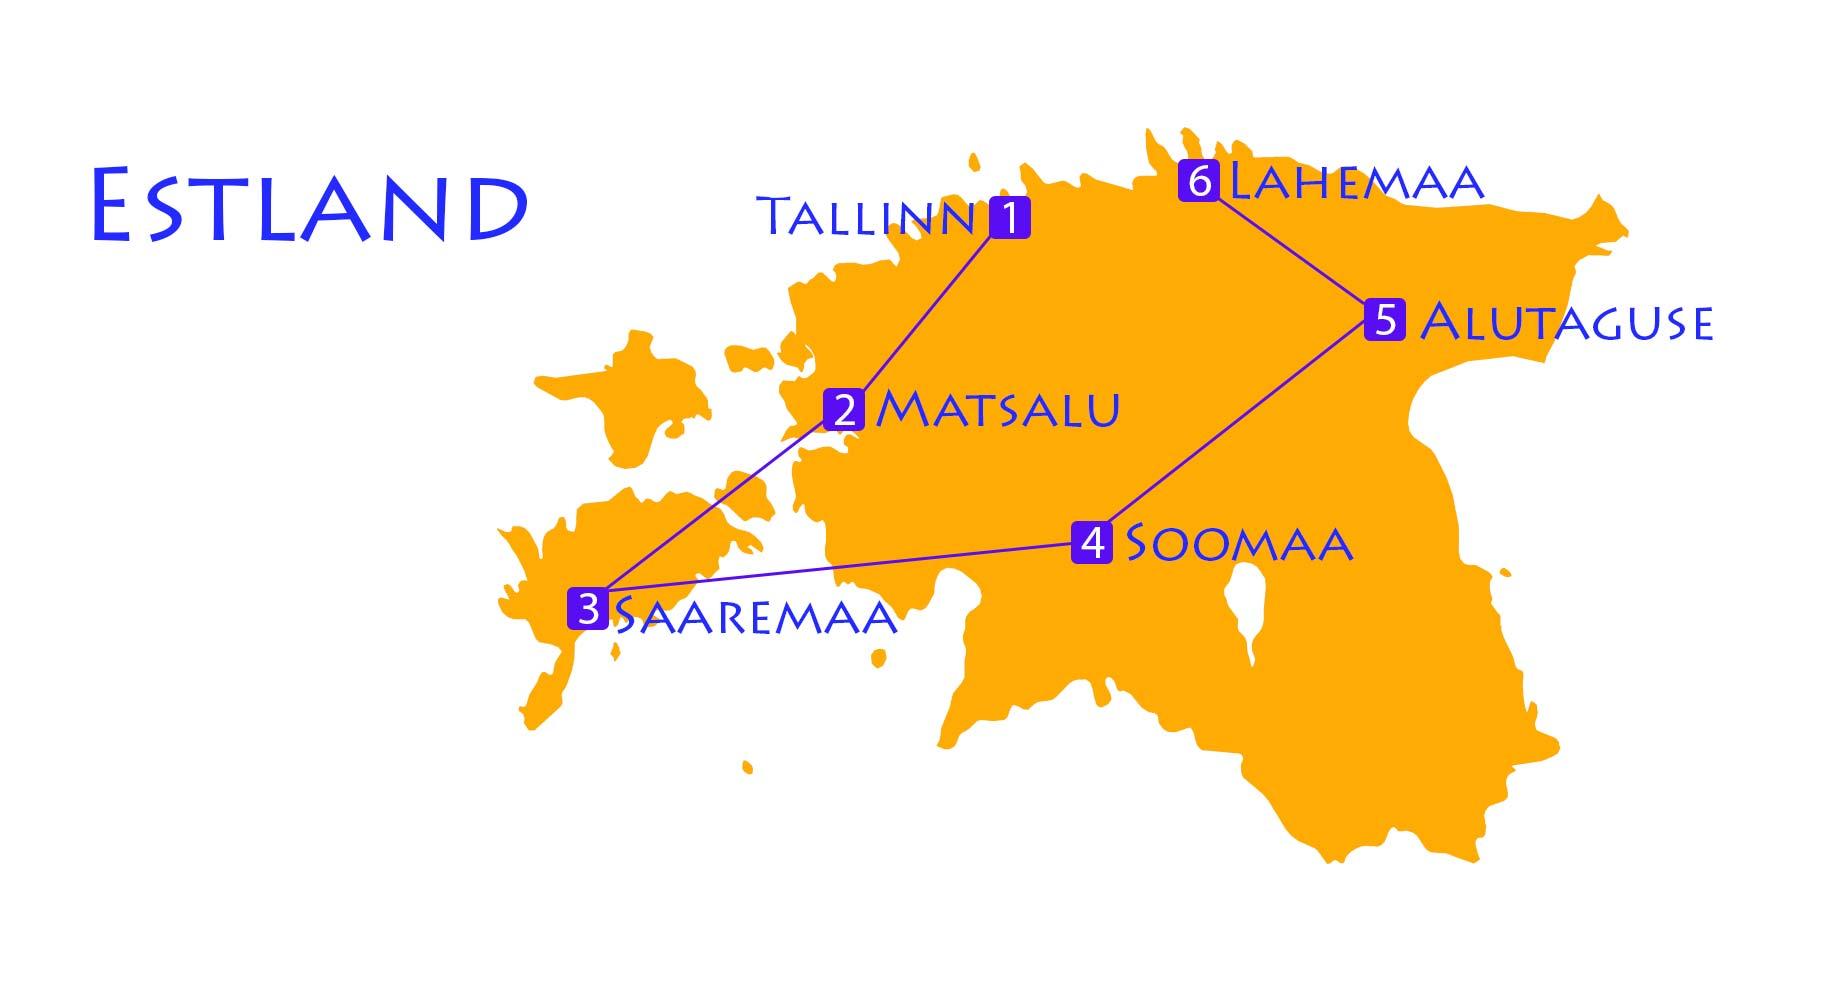 Karte Estland